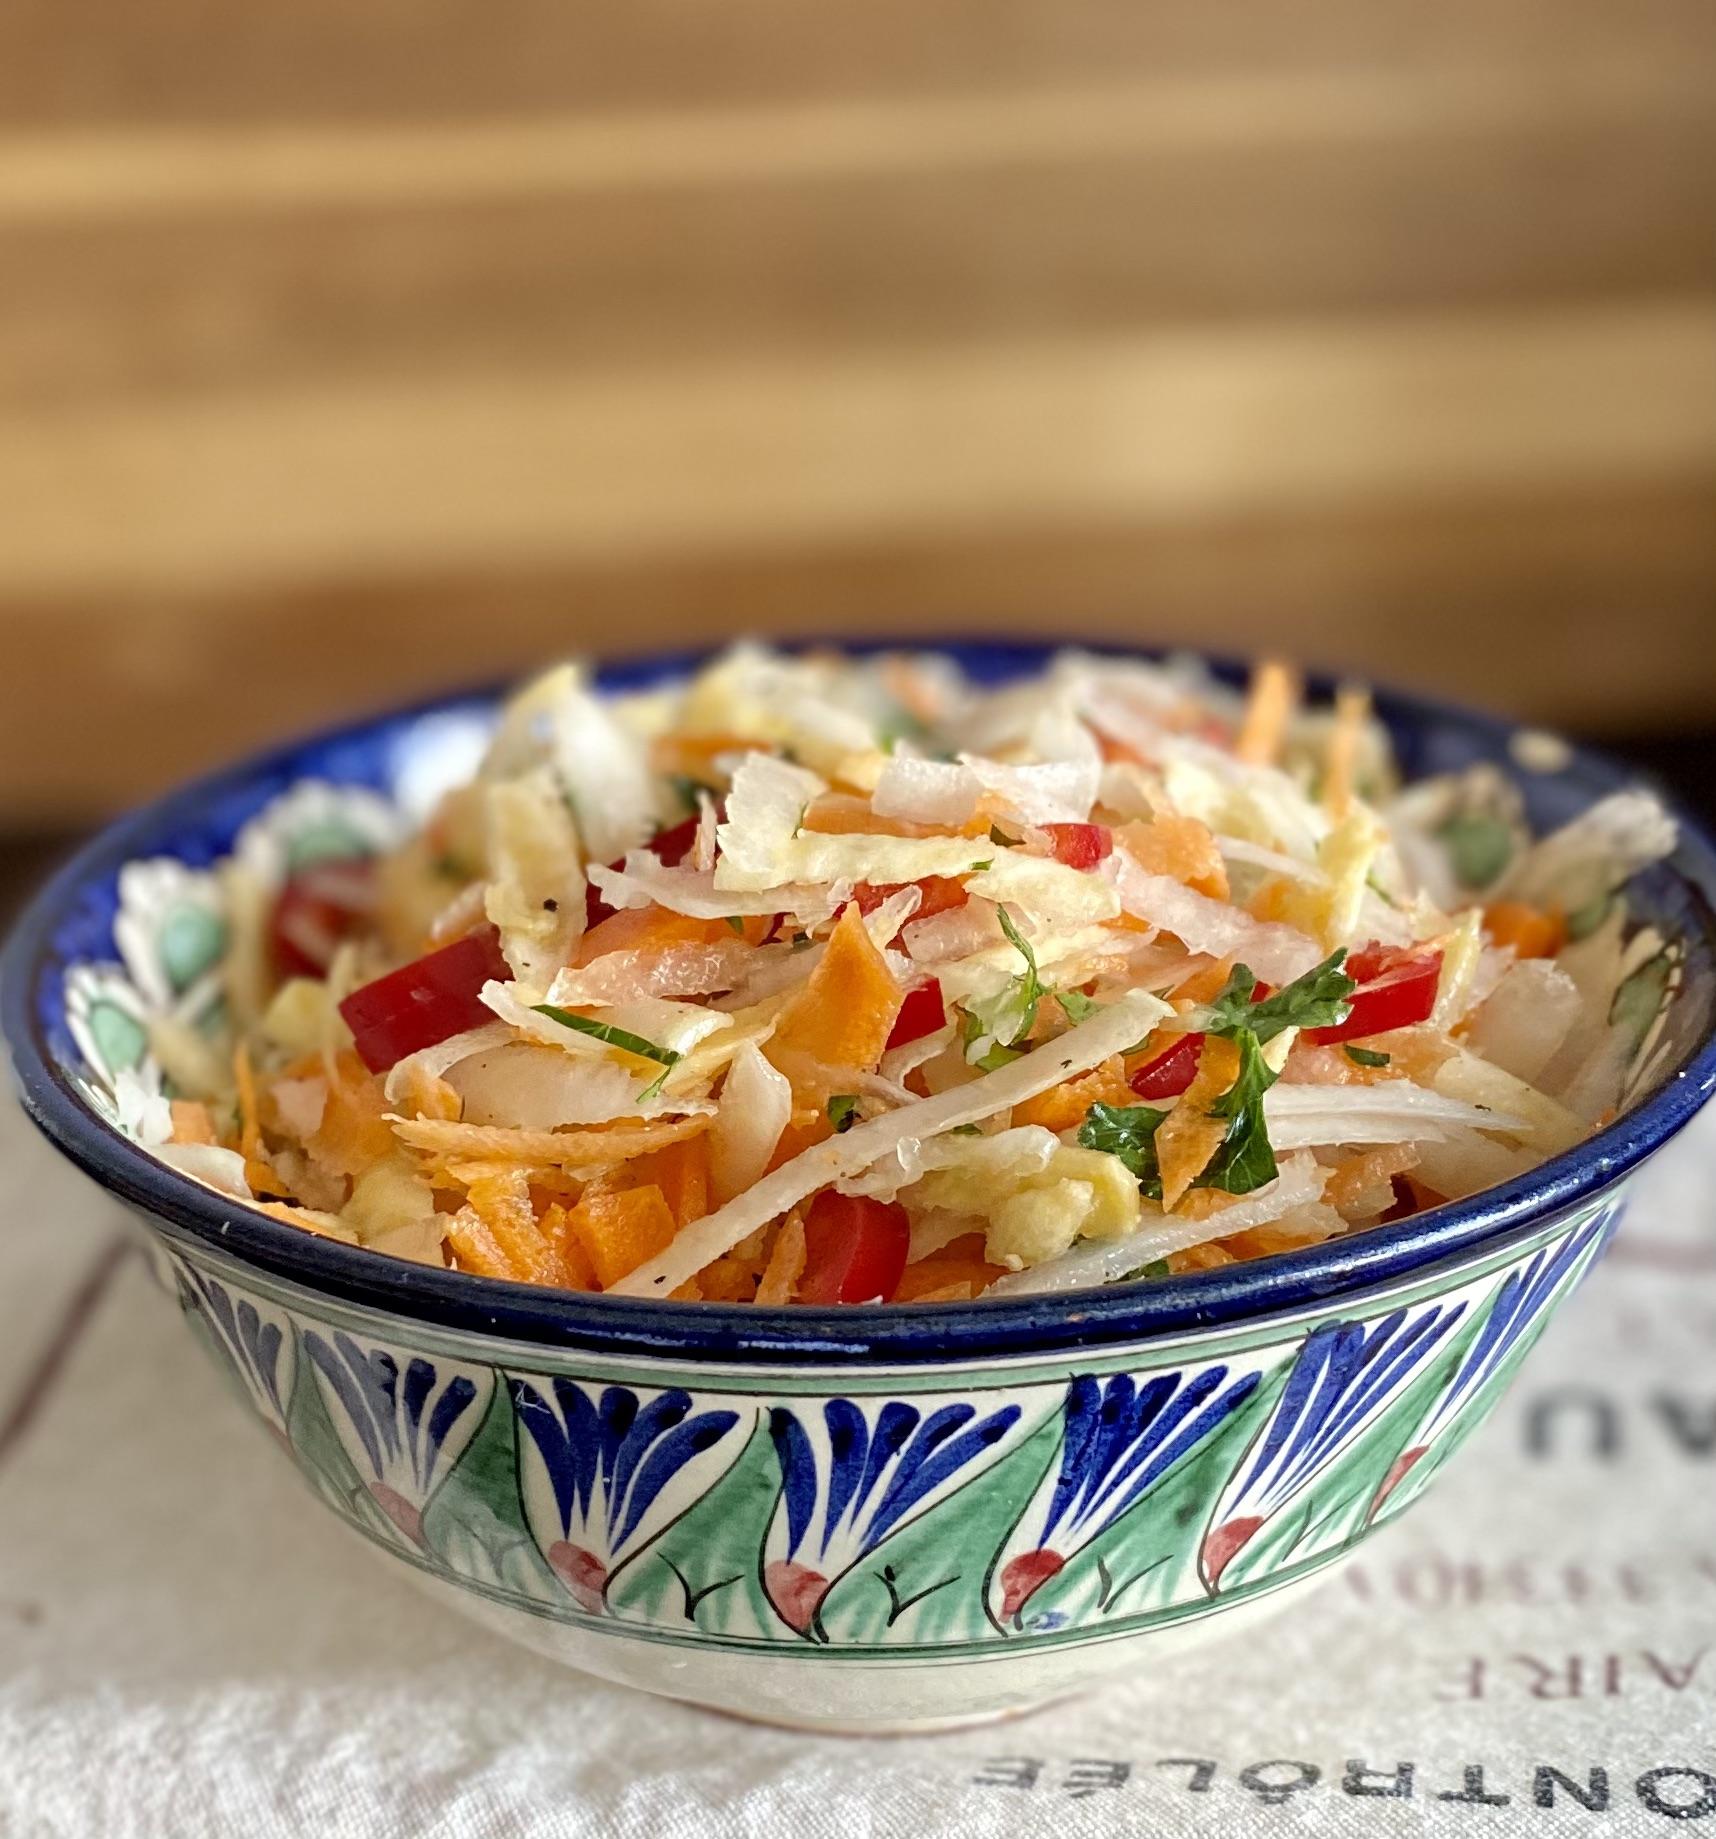 Вкусный зрустящий и полезный щимний салат.